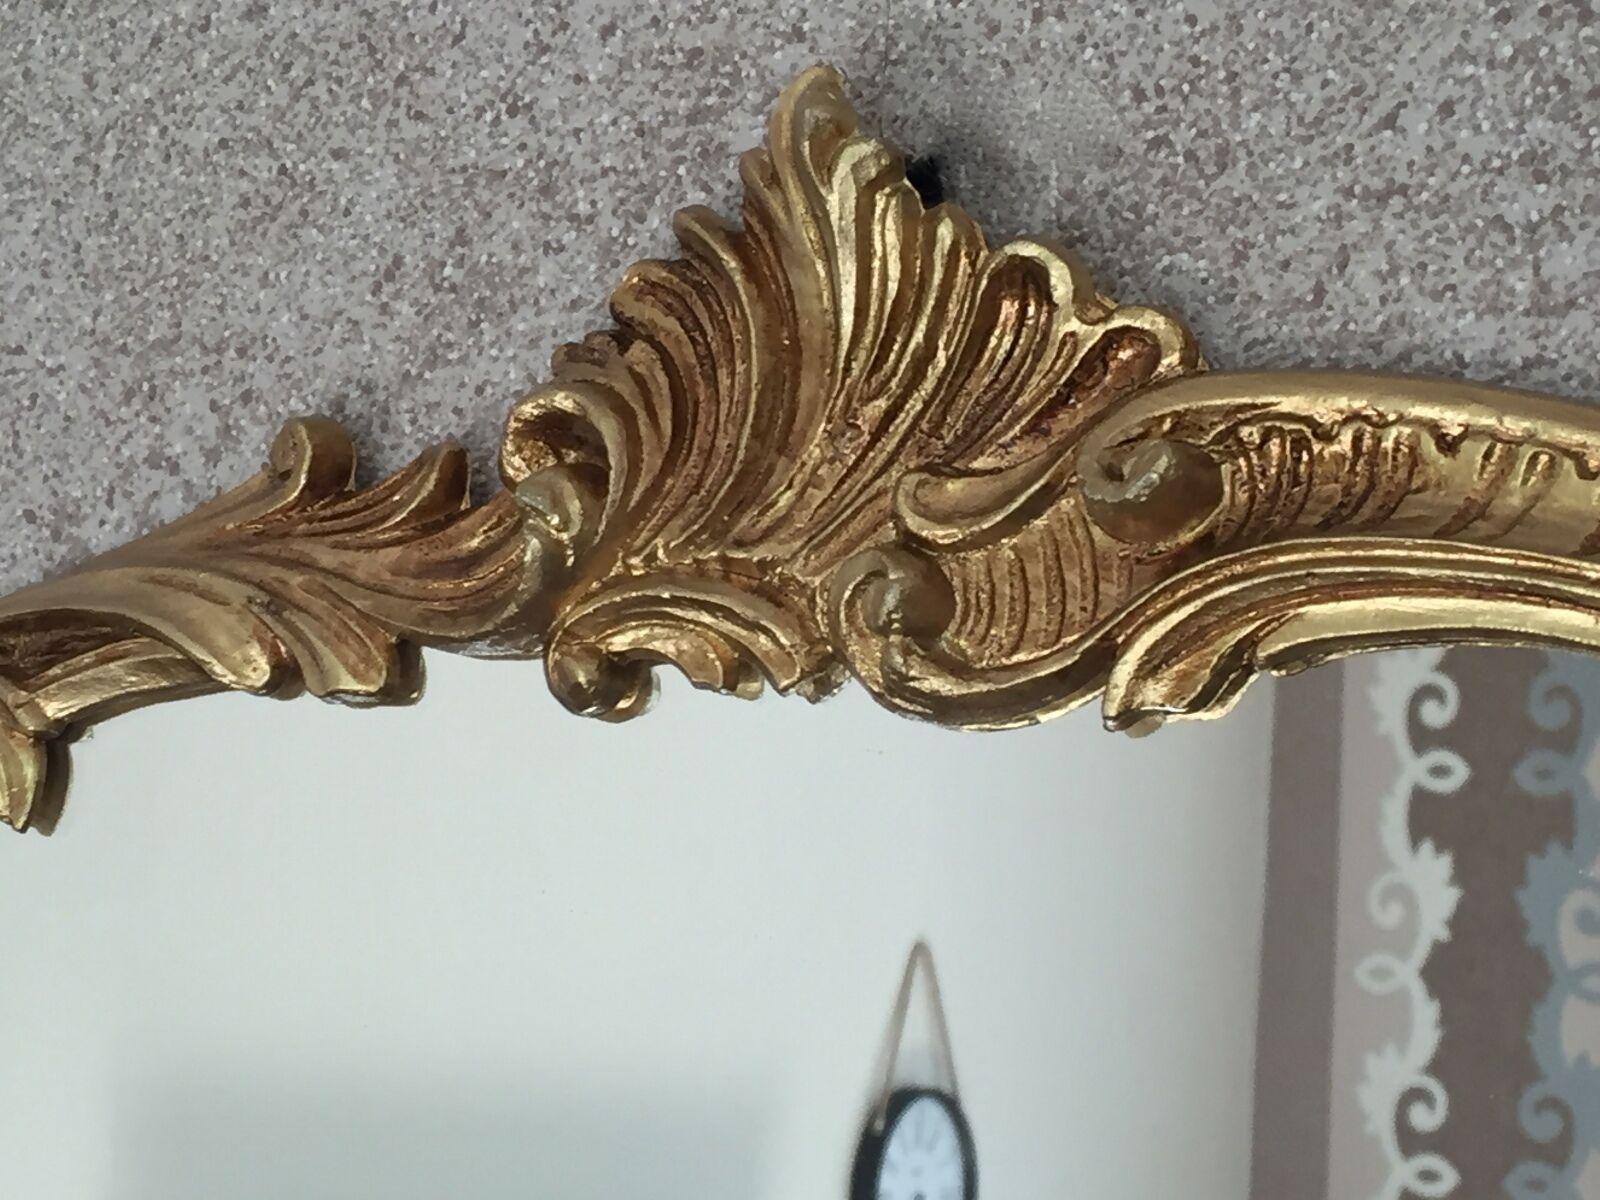 ovaler wandspiegel best spiegel ovaler wandspiegel holzspiegel with ovaler wandspiegel ovaler. Black Bedroom Furniture Sets. Home Design Ideas